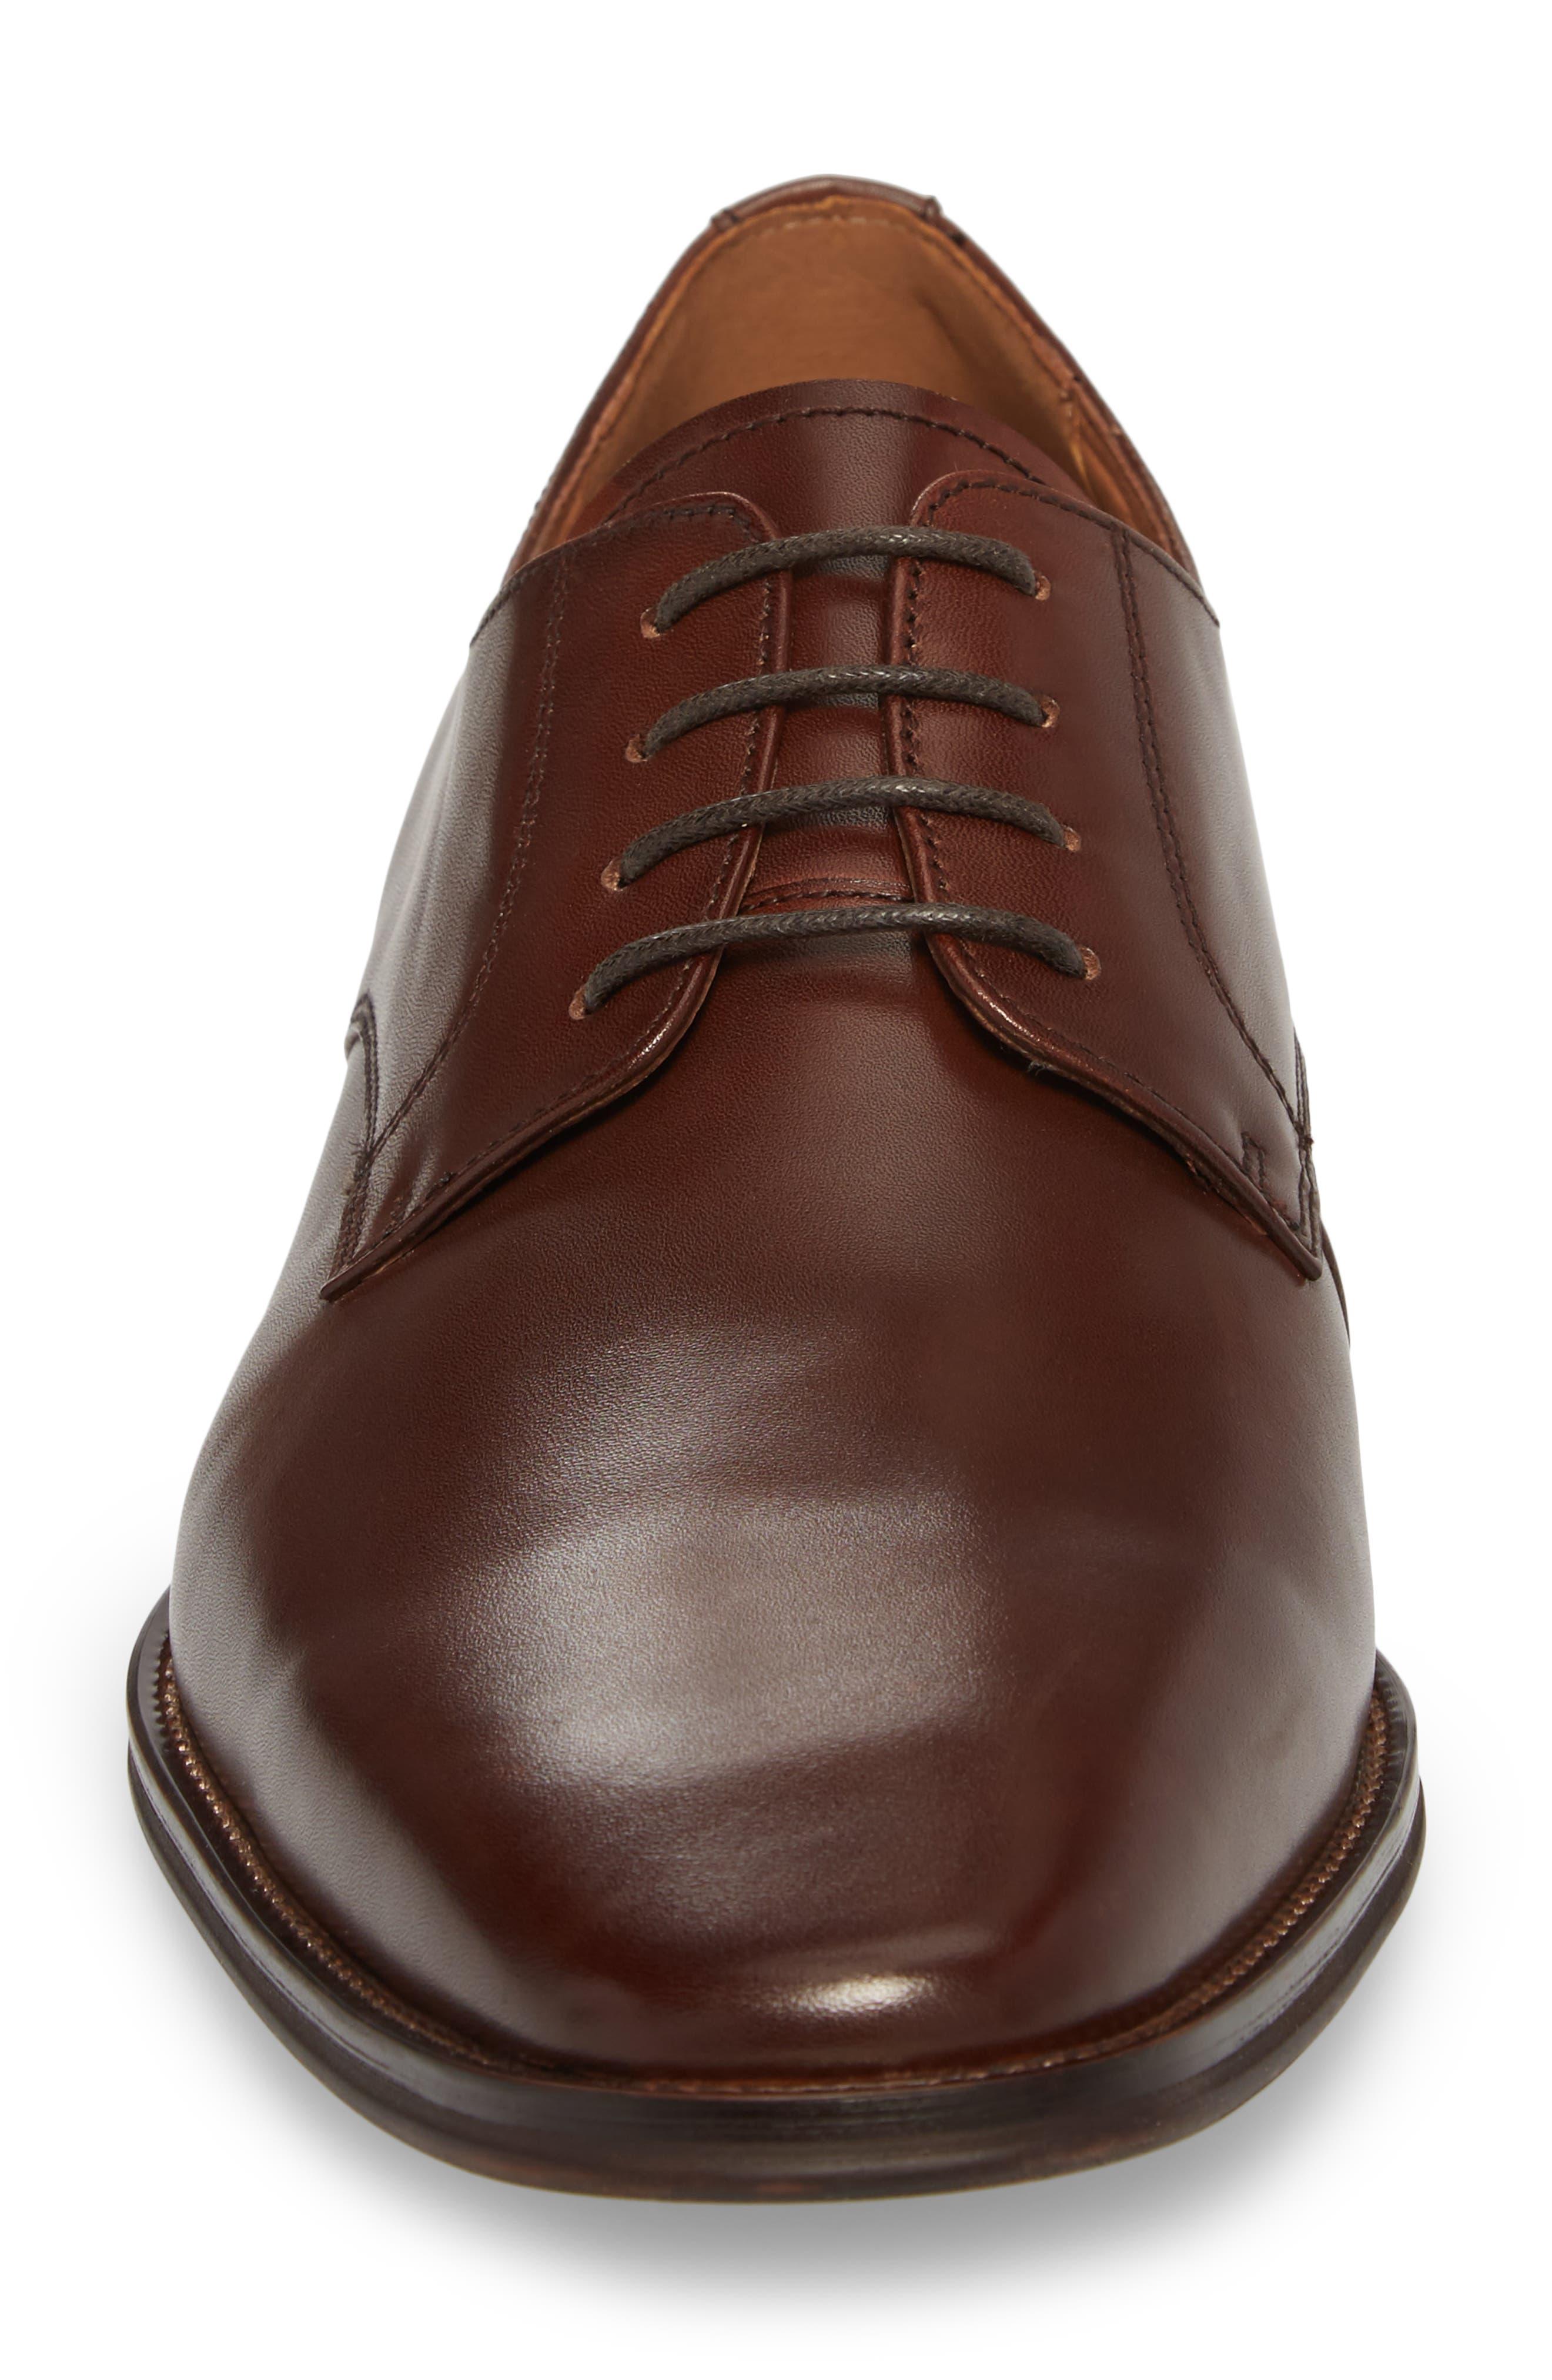 Phoenix Plain Toe Derby,                             Alternate thumbnail 4, color,                             Tan Leather